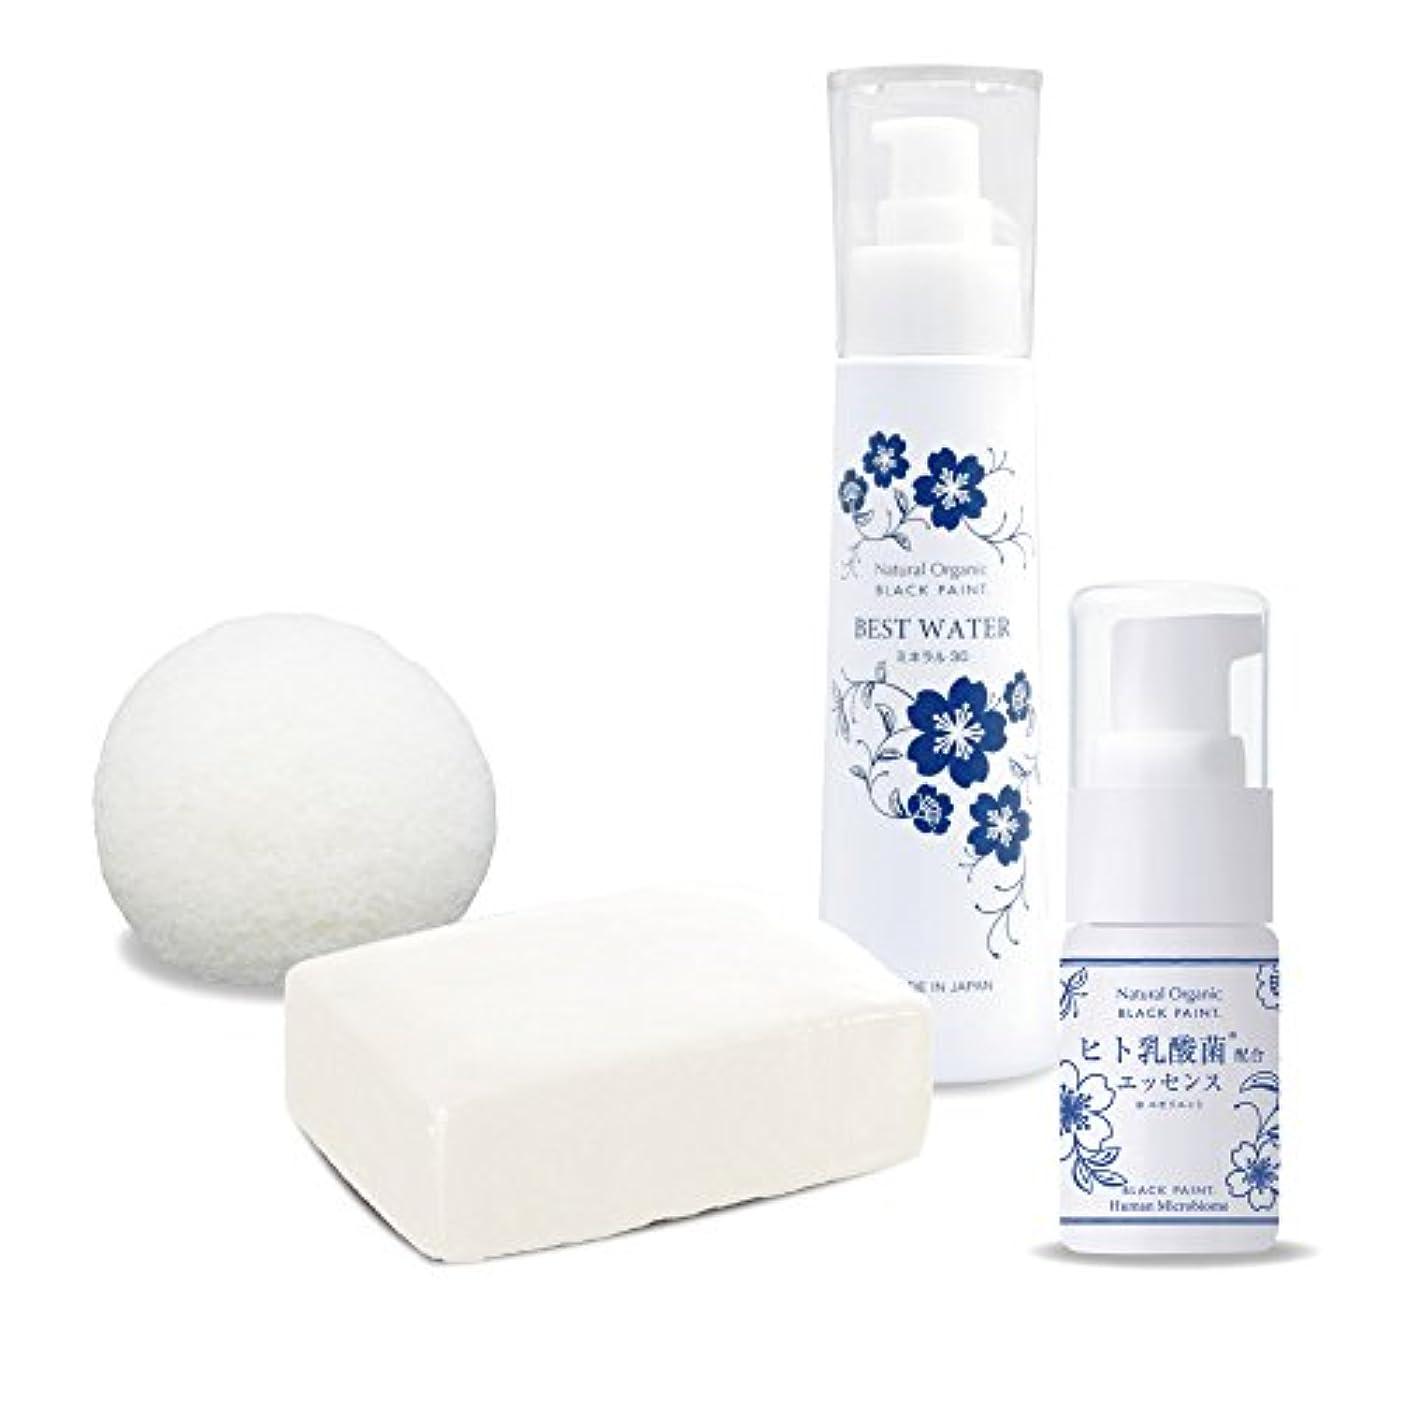 十分な劇的影響力のあるヒト乳酸菌エッセンス10ml&ホワイトペイント60g&ホワイトスポンジミニ&ベストウォーター100ml 洗顔セット